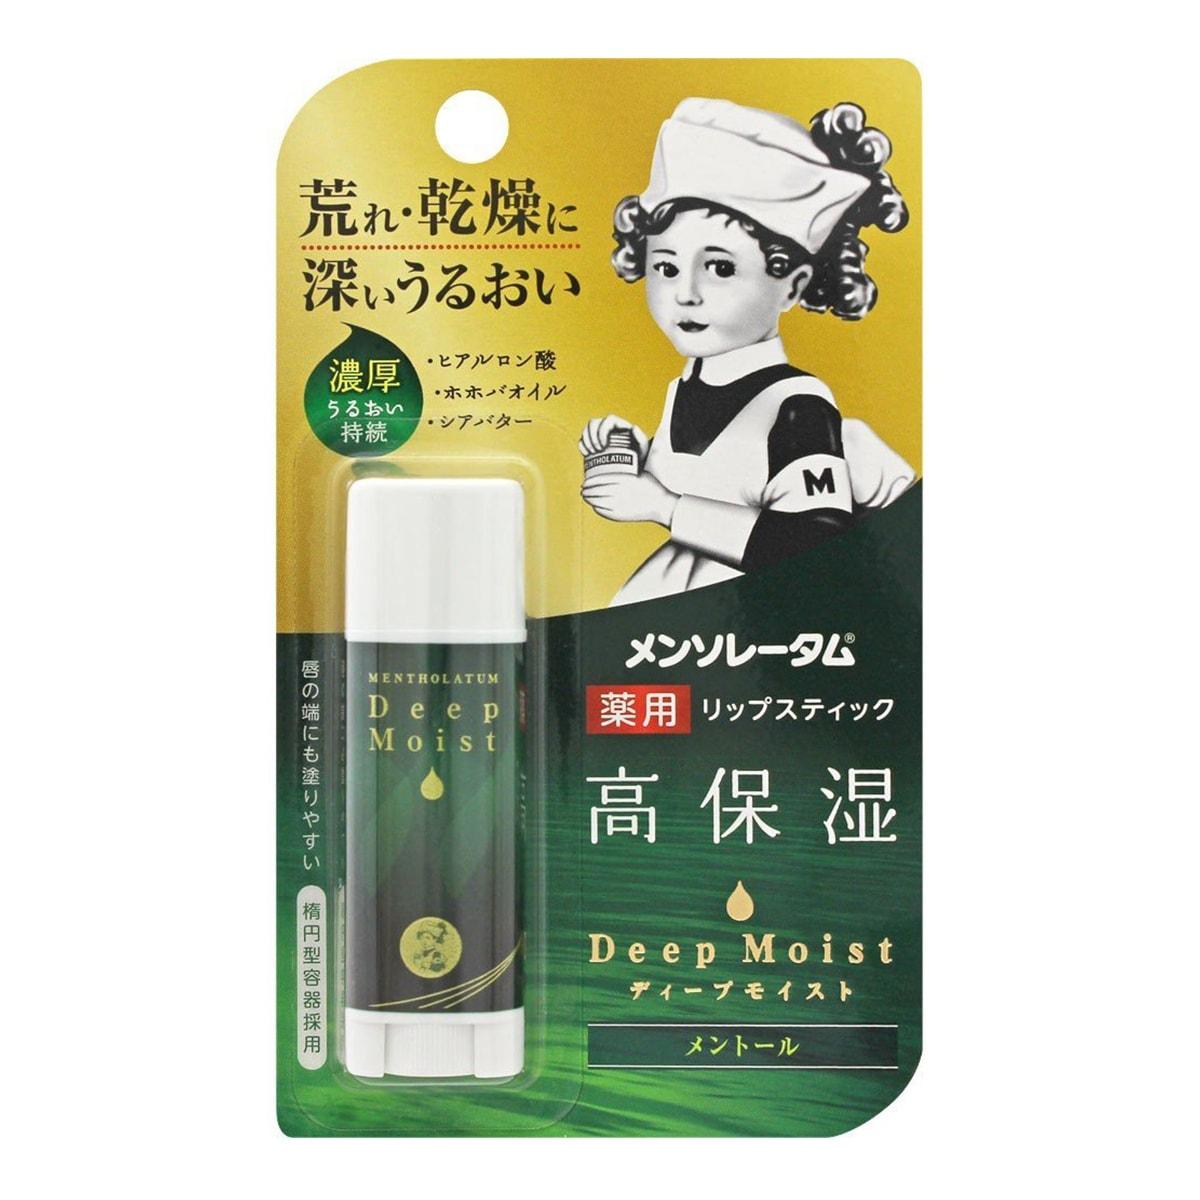 日本ROHTO乐敦 曼秀雷敦 高保湿护唇膏 薄荷味 4.5g